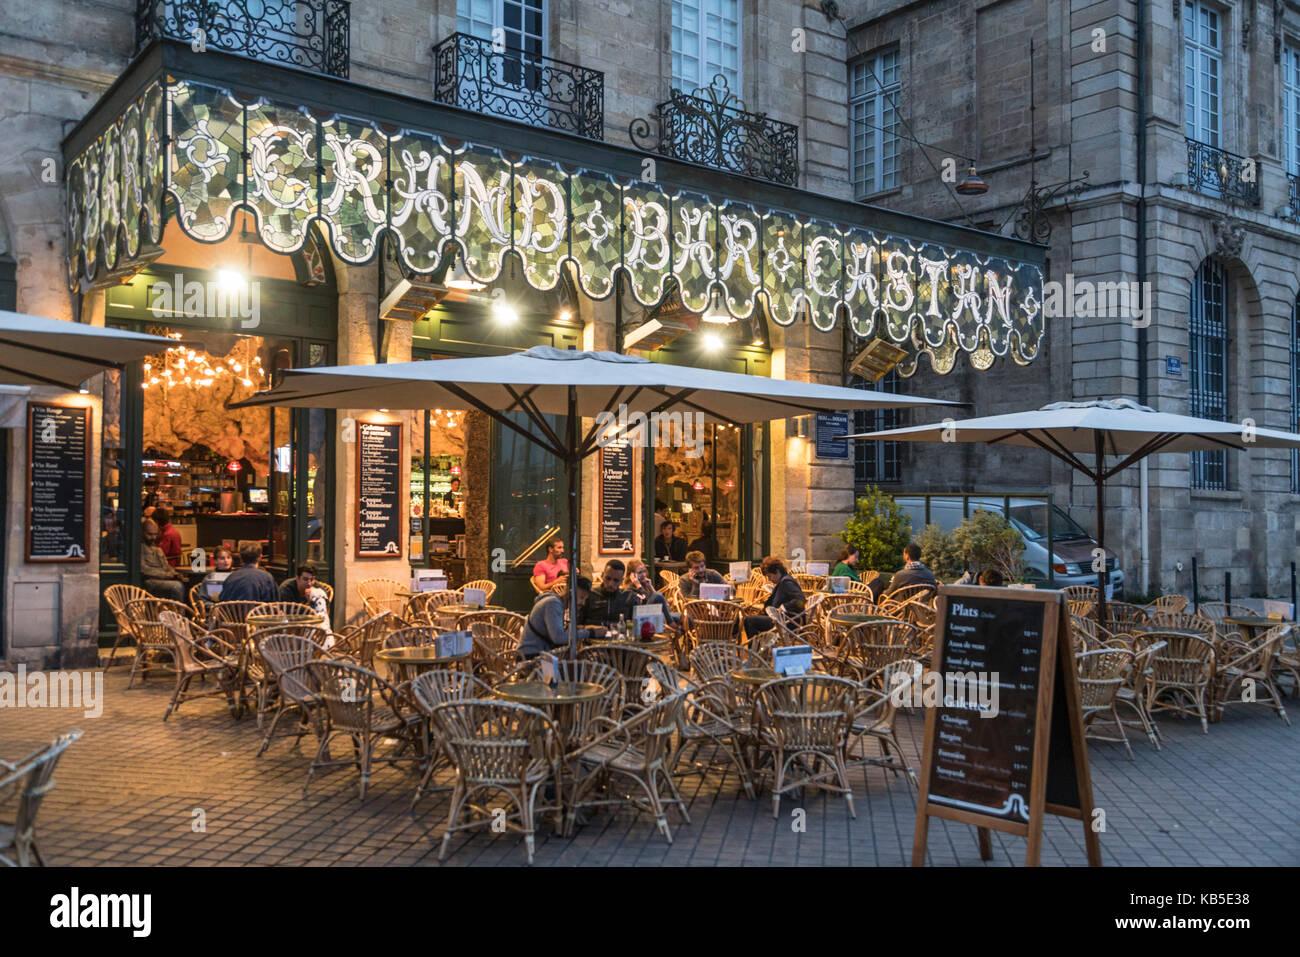 Quai de la Douane, Grand Bar Castan, street Cafe, Bordeaux, France - Stock Image